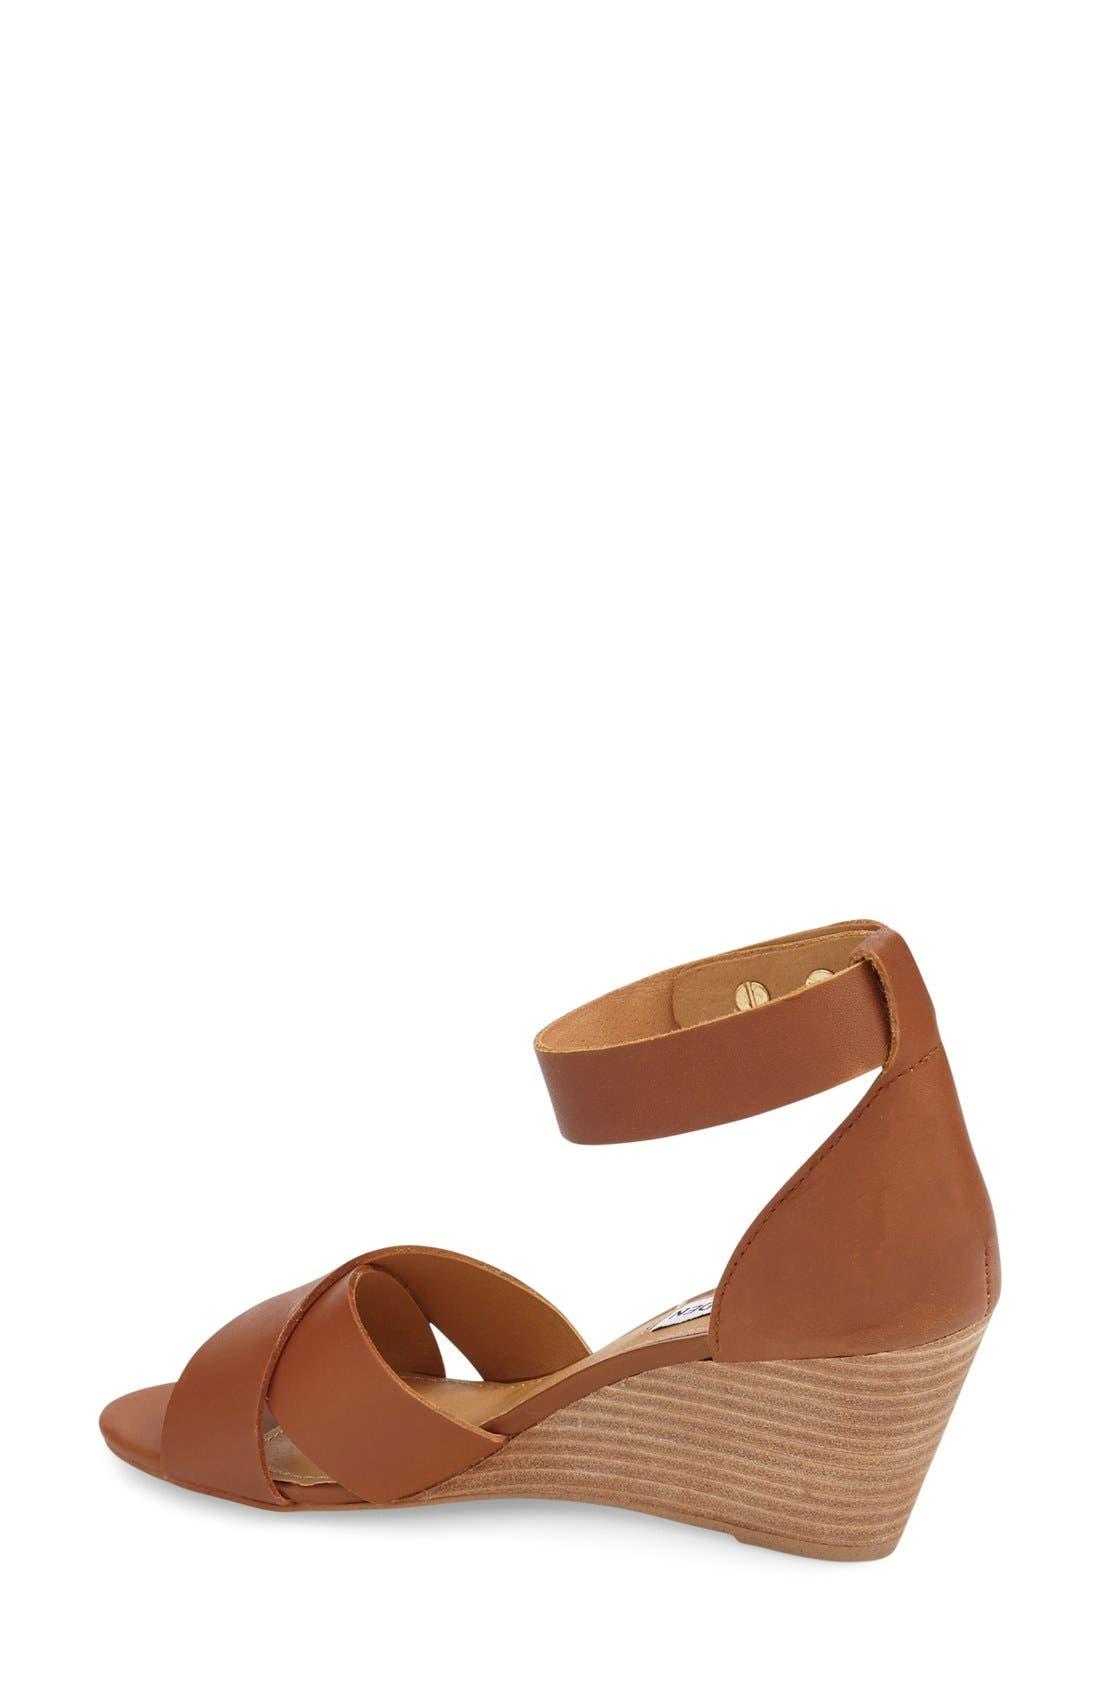 Alternate Image 2  - Steve Madden 'Nilla' Wedge Sandal (Women)